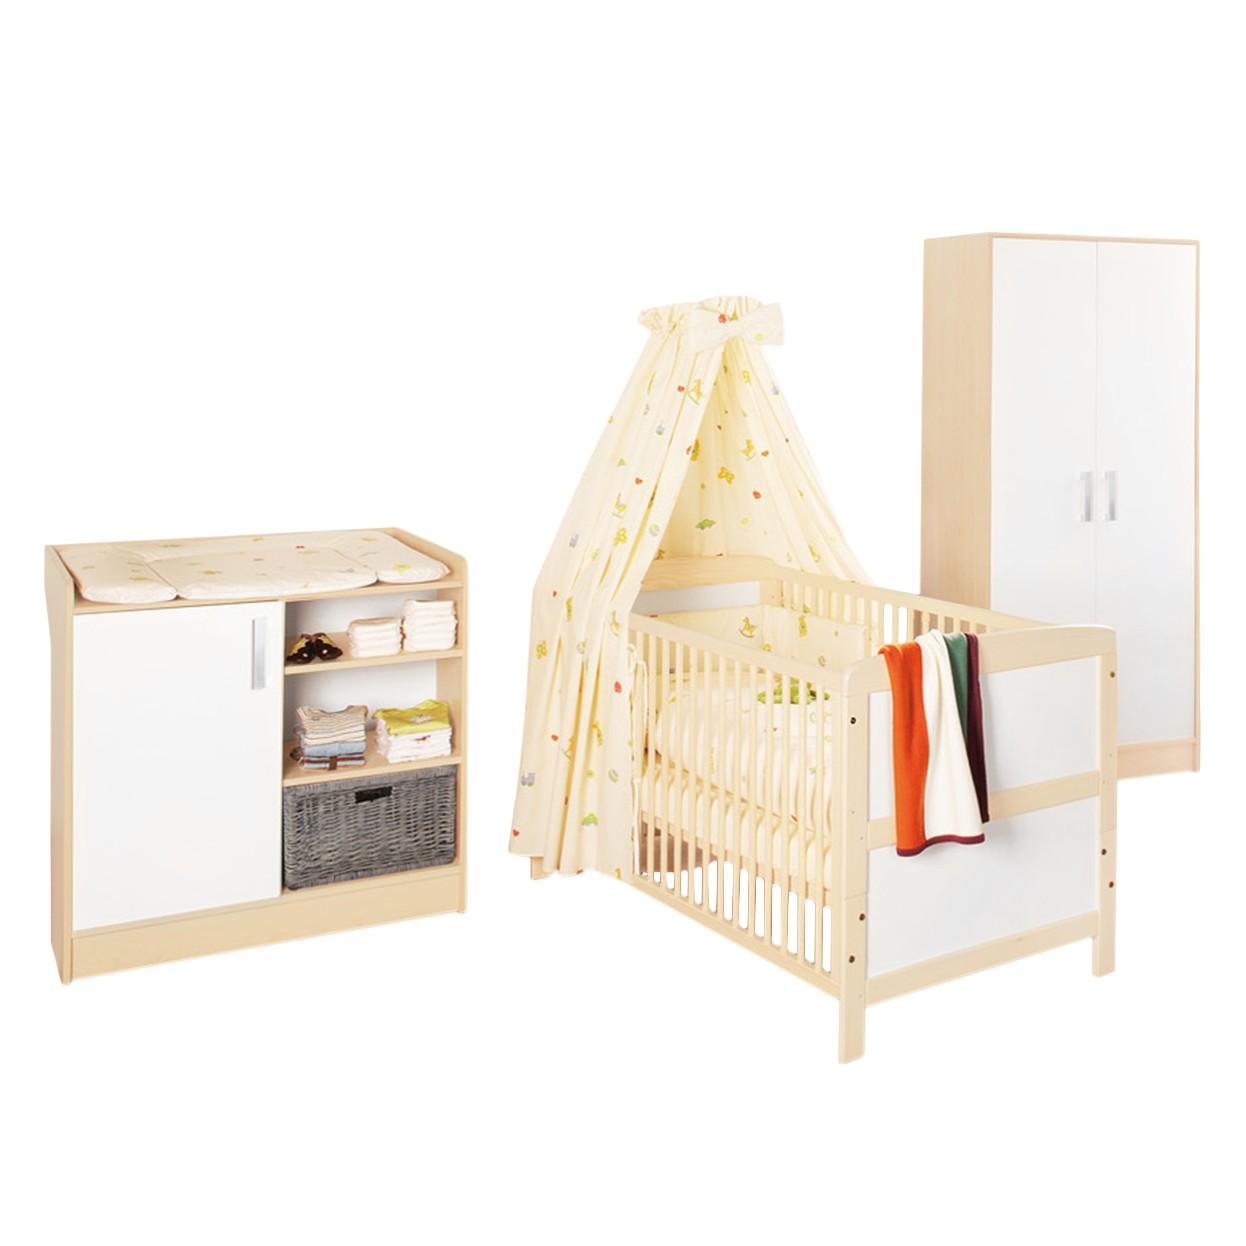 wickelkommode ahorn wickelkommode ahorn preisvergleich g nstige angebote bei wickelkommode mia. Black Bedroom Furniture Sets. Home Design Ideas